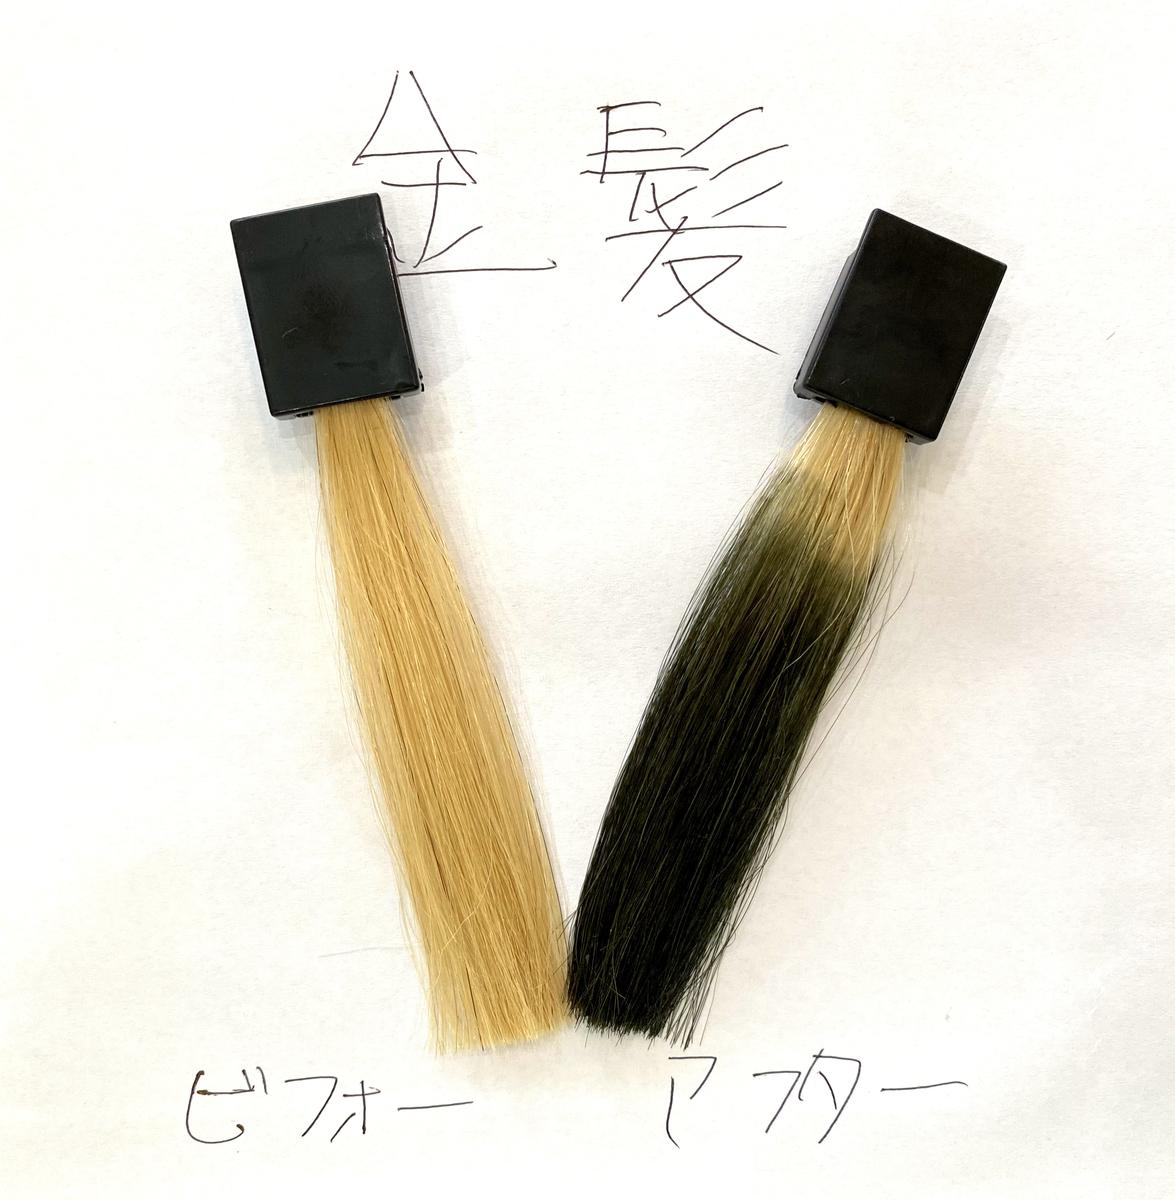 画黒左が金髪で画面右が金髪にダークシルバーで染めた仕上がり